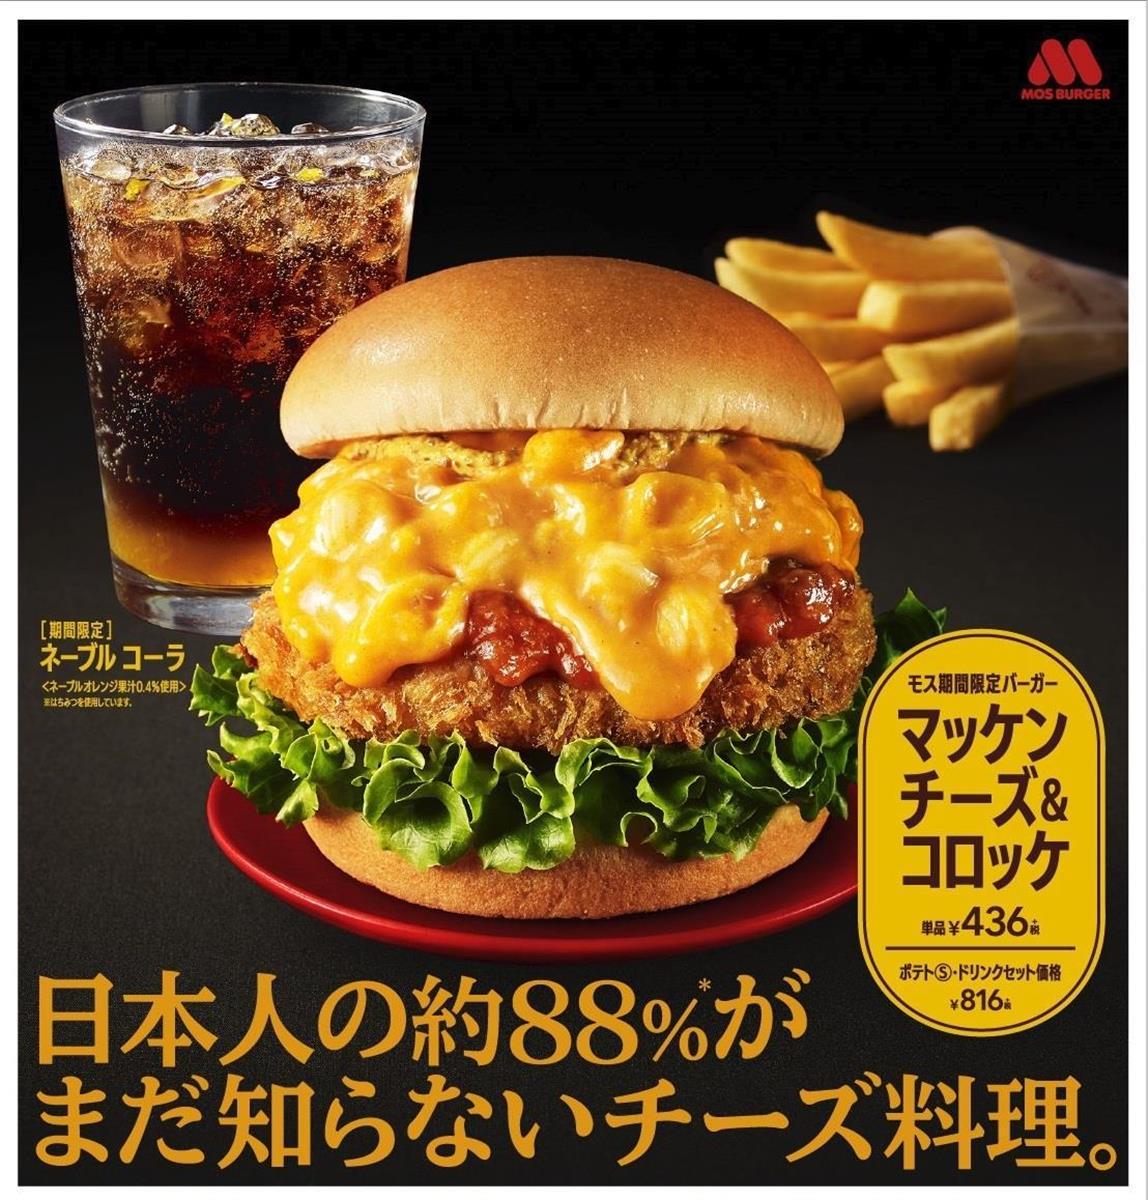 マッケン チーズ バーガー モス新作!日本人の88%が知らない「マッケンチーズ」のバーガーを実...